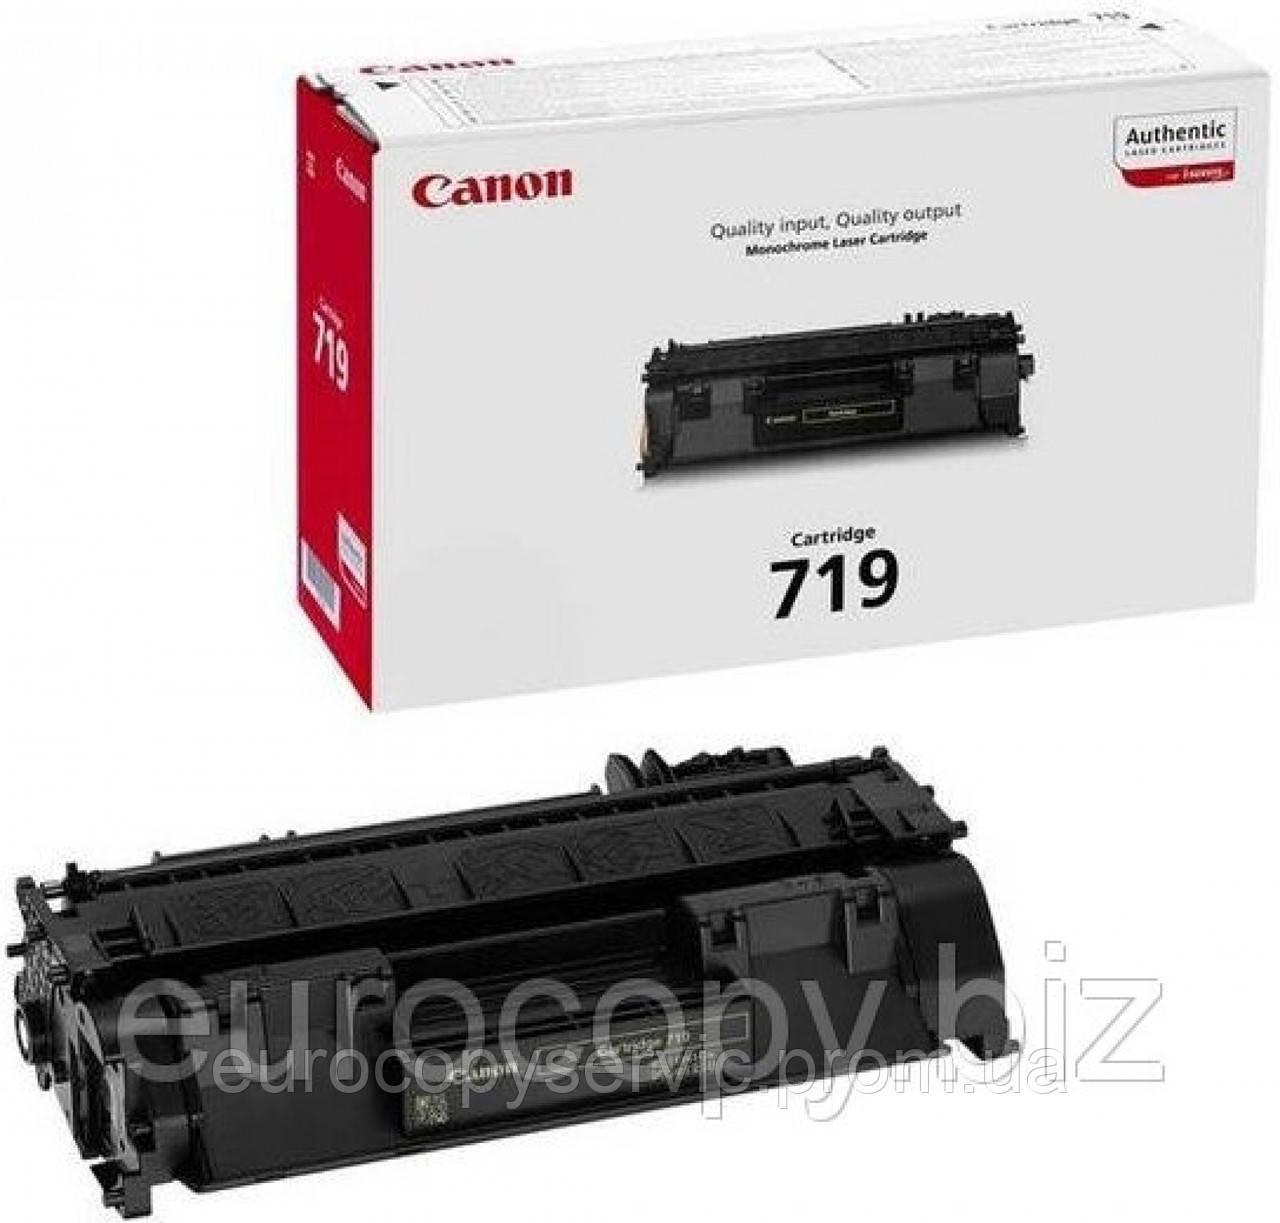 Картридж Canon 719 LBP-6300 (3479B002)